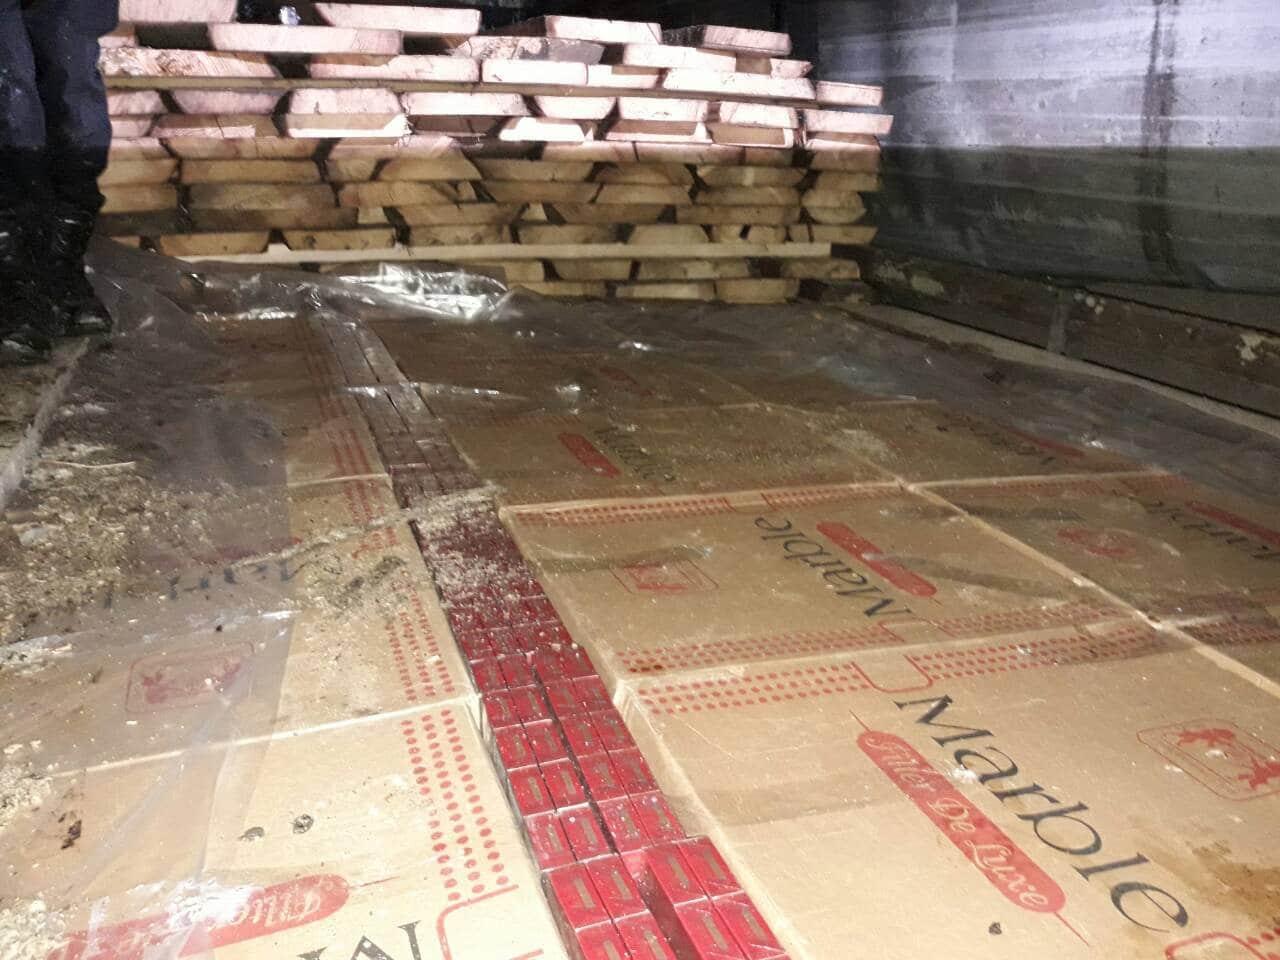 Закарпатські митники виявили в пиломатеріалах 100 тис. пачок цигарок (фото)